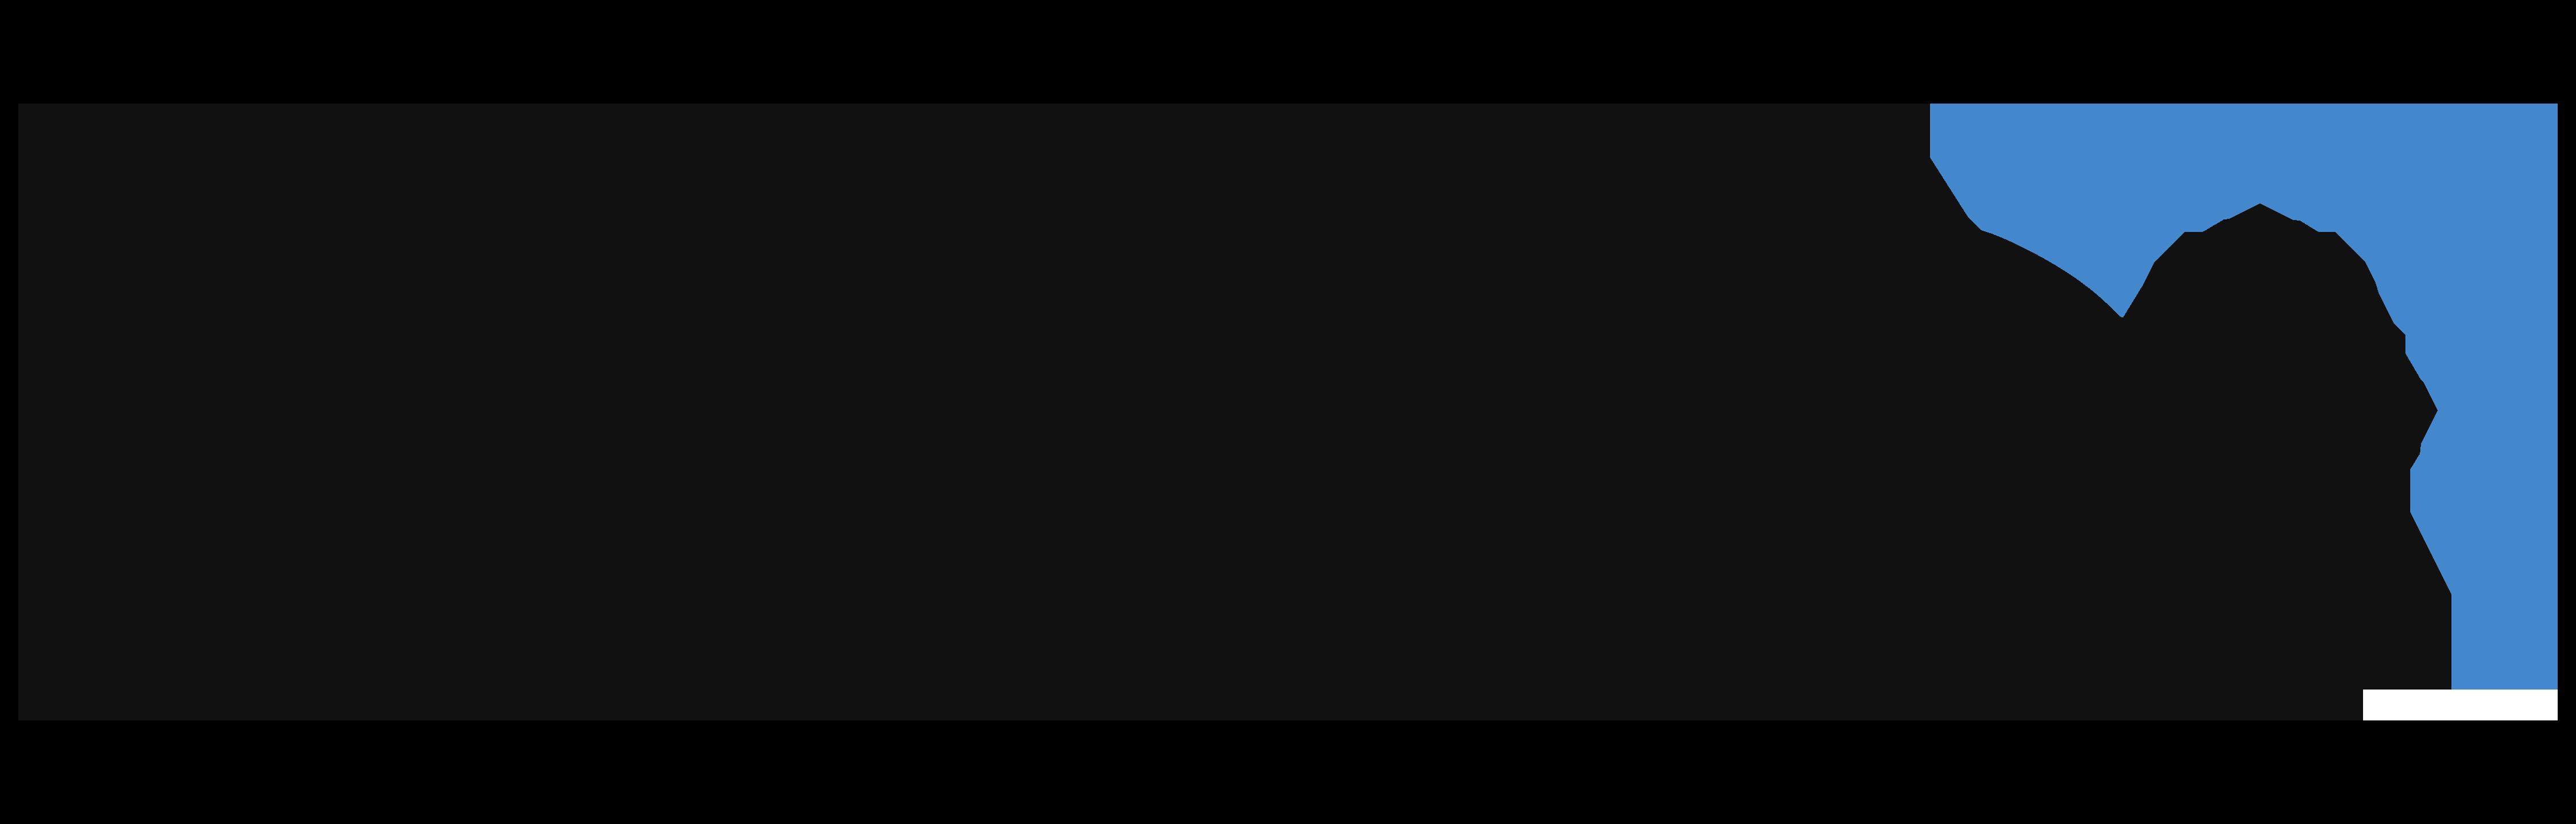 Decount